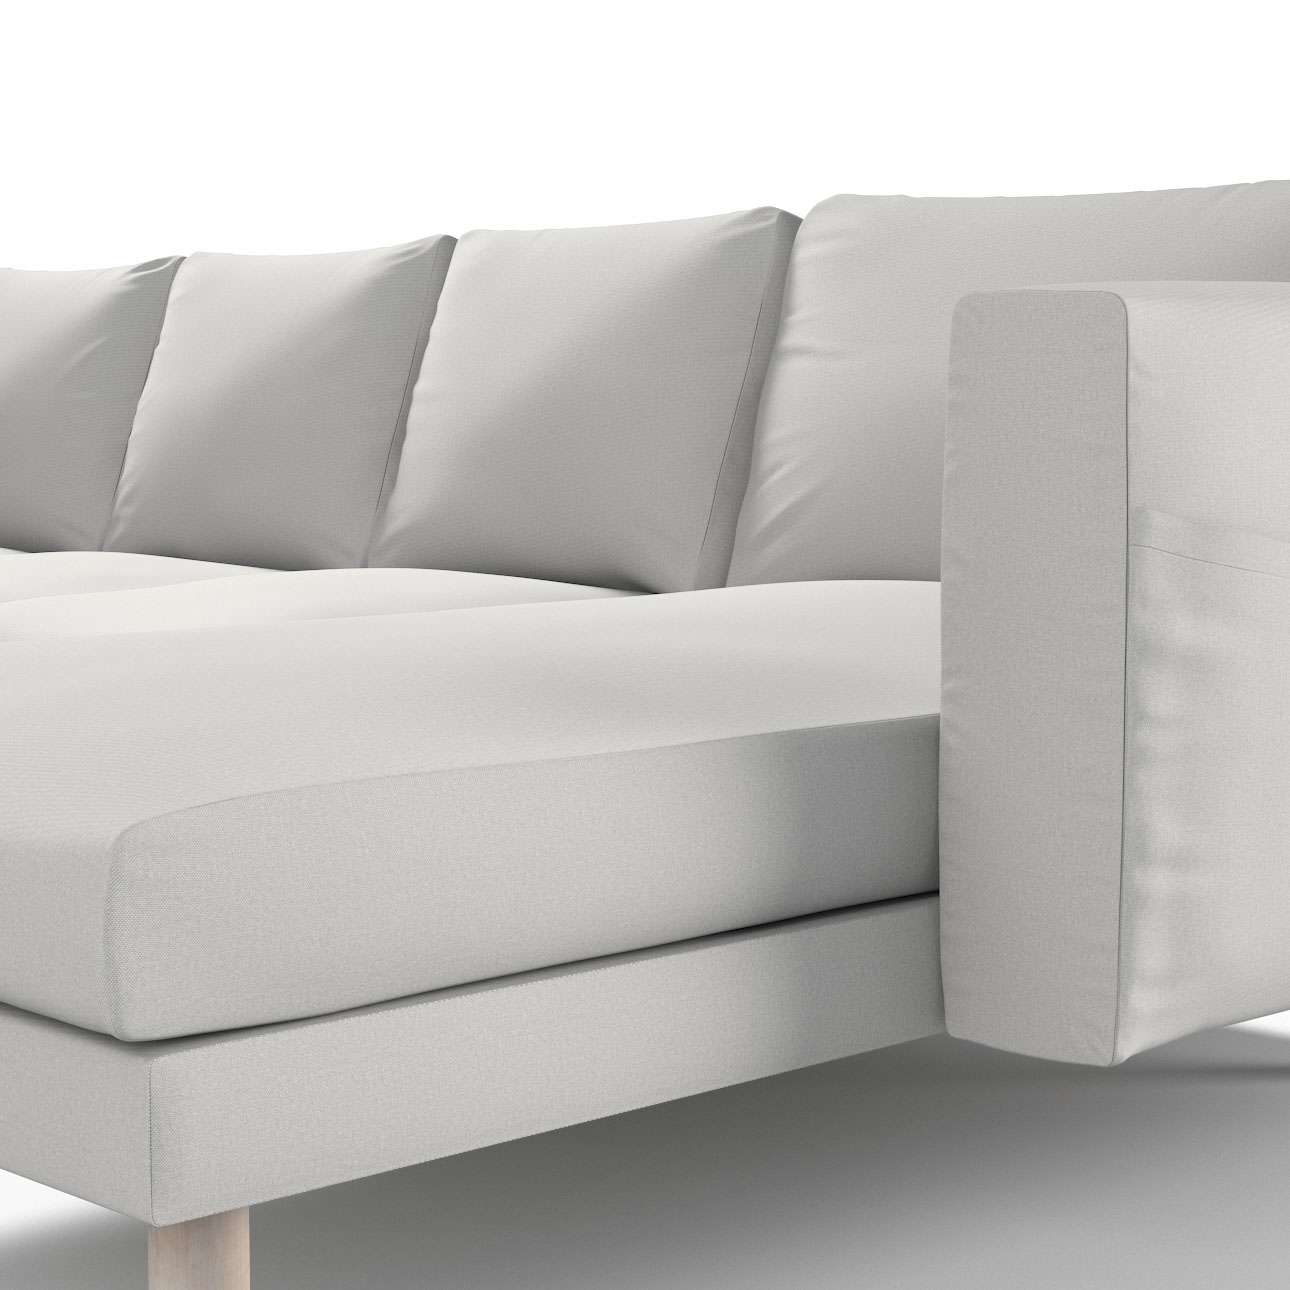 Pokrowiec na sofę Norsborg 4-osobową z szezlongiem w kolekcji Etna, tkanina: 705-90